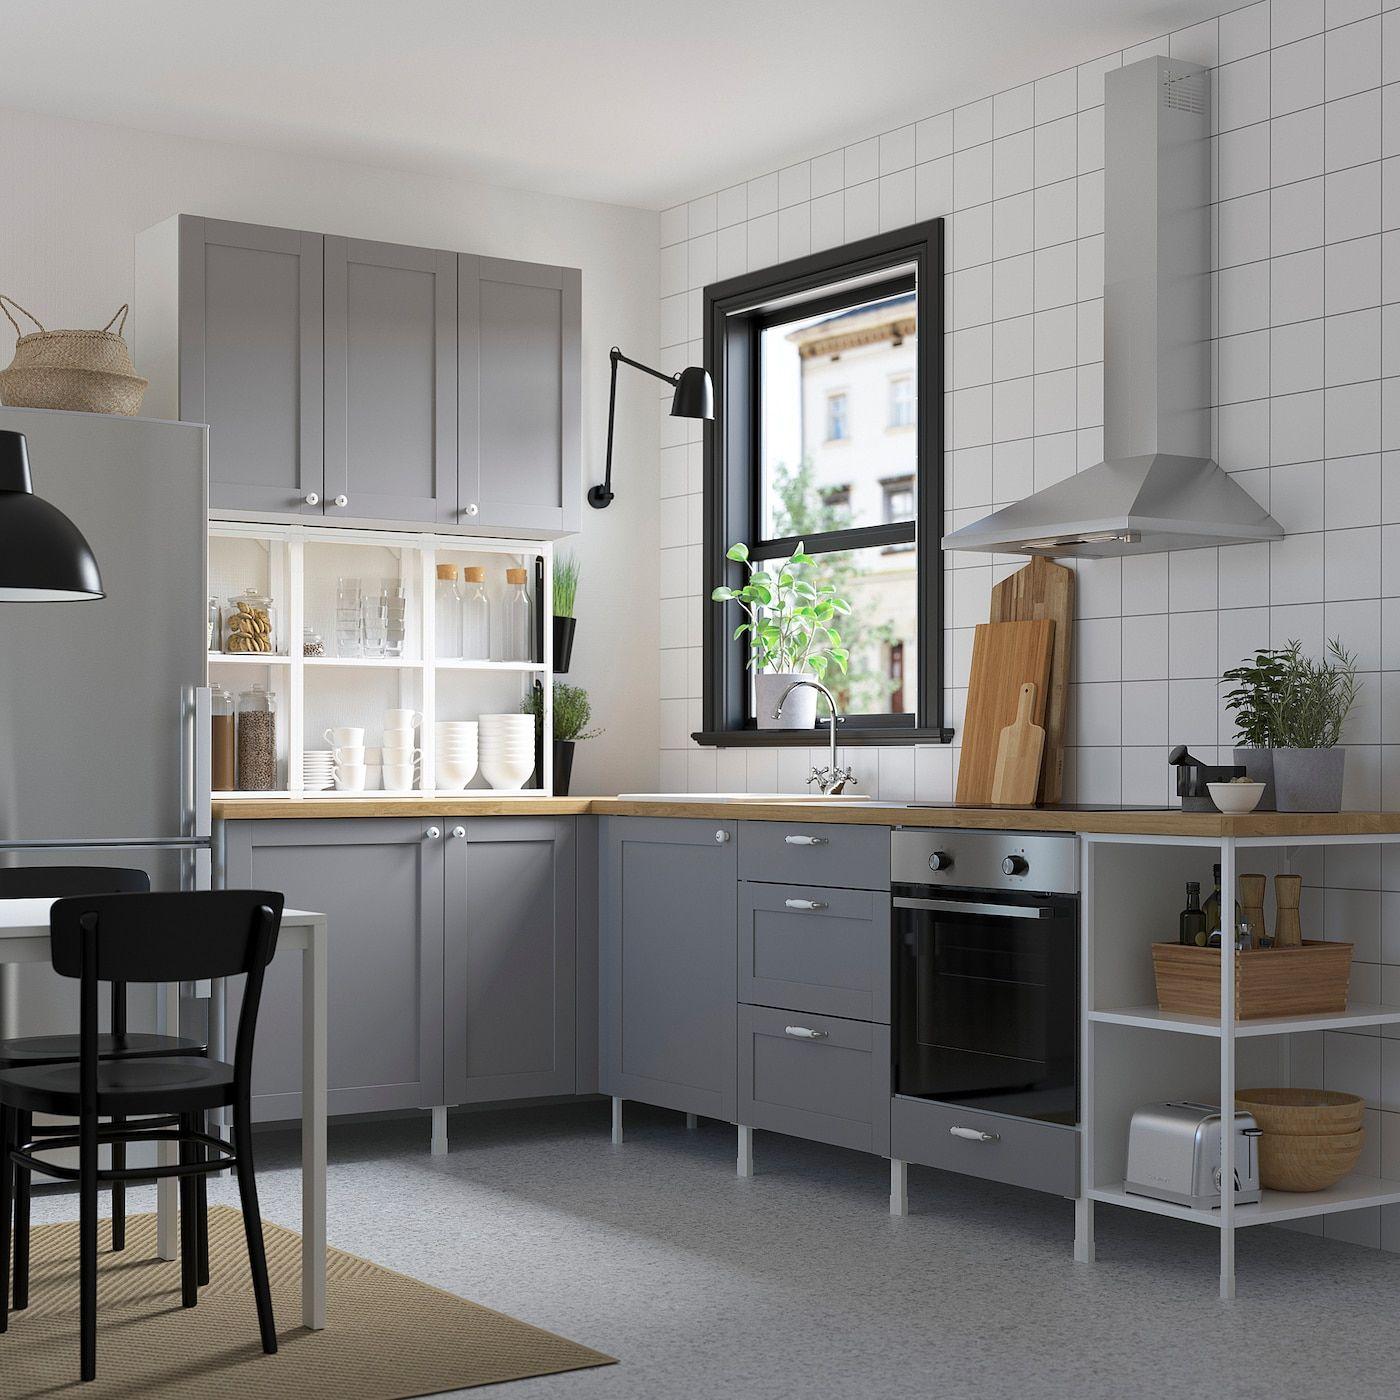 Enhet Hoekkeuken Wit Grijs Frame Ikea In 2021 Kastruimte Ikea Keuken